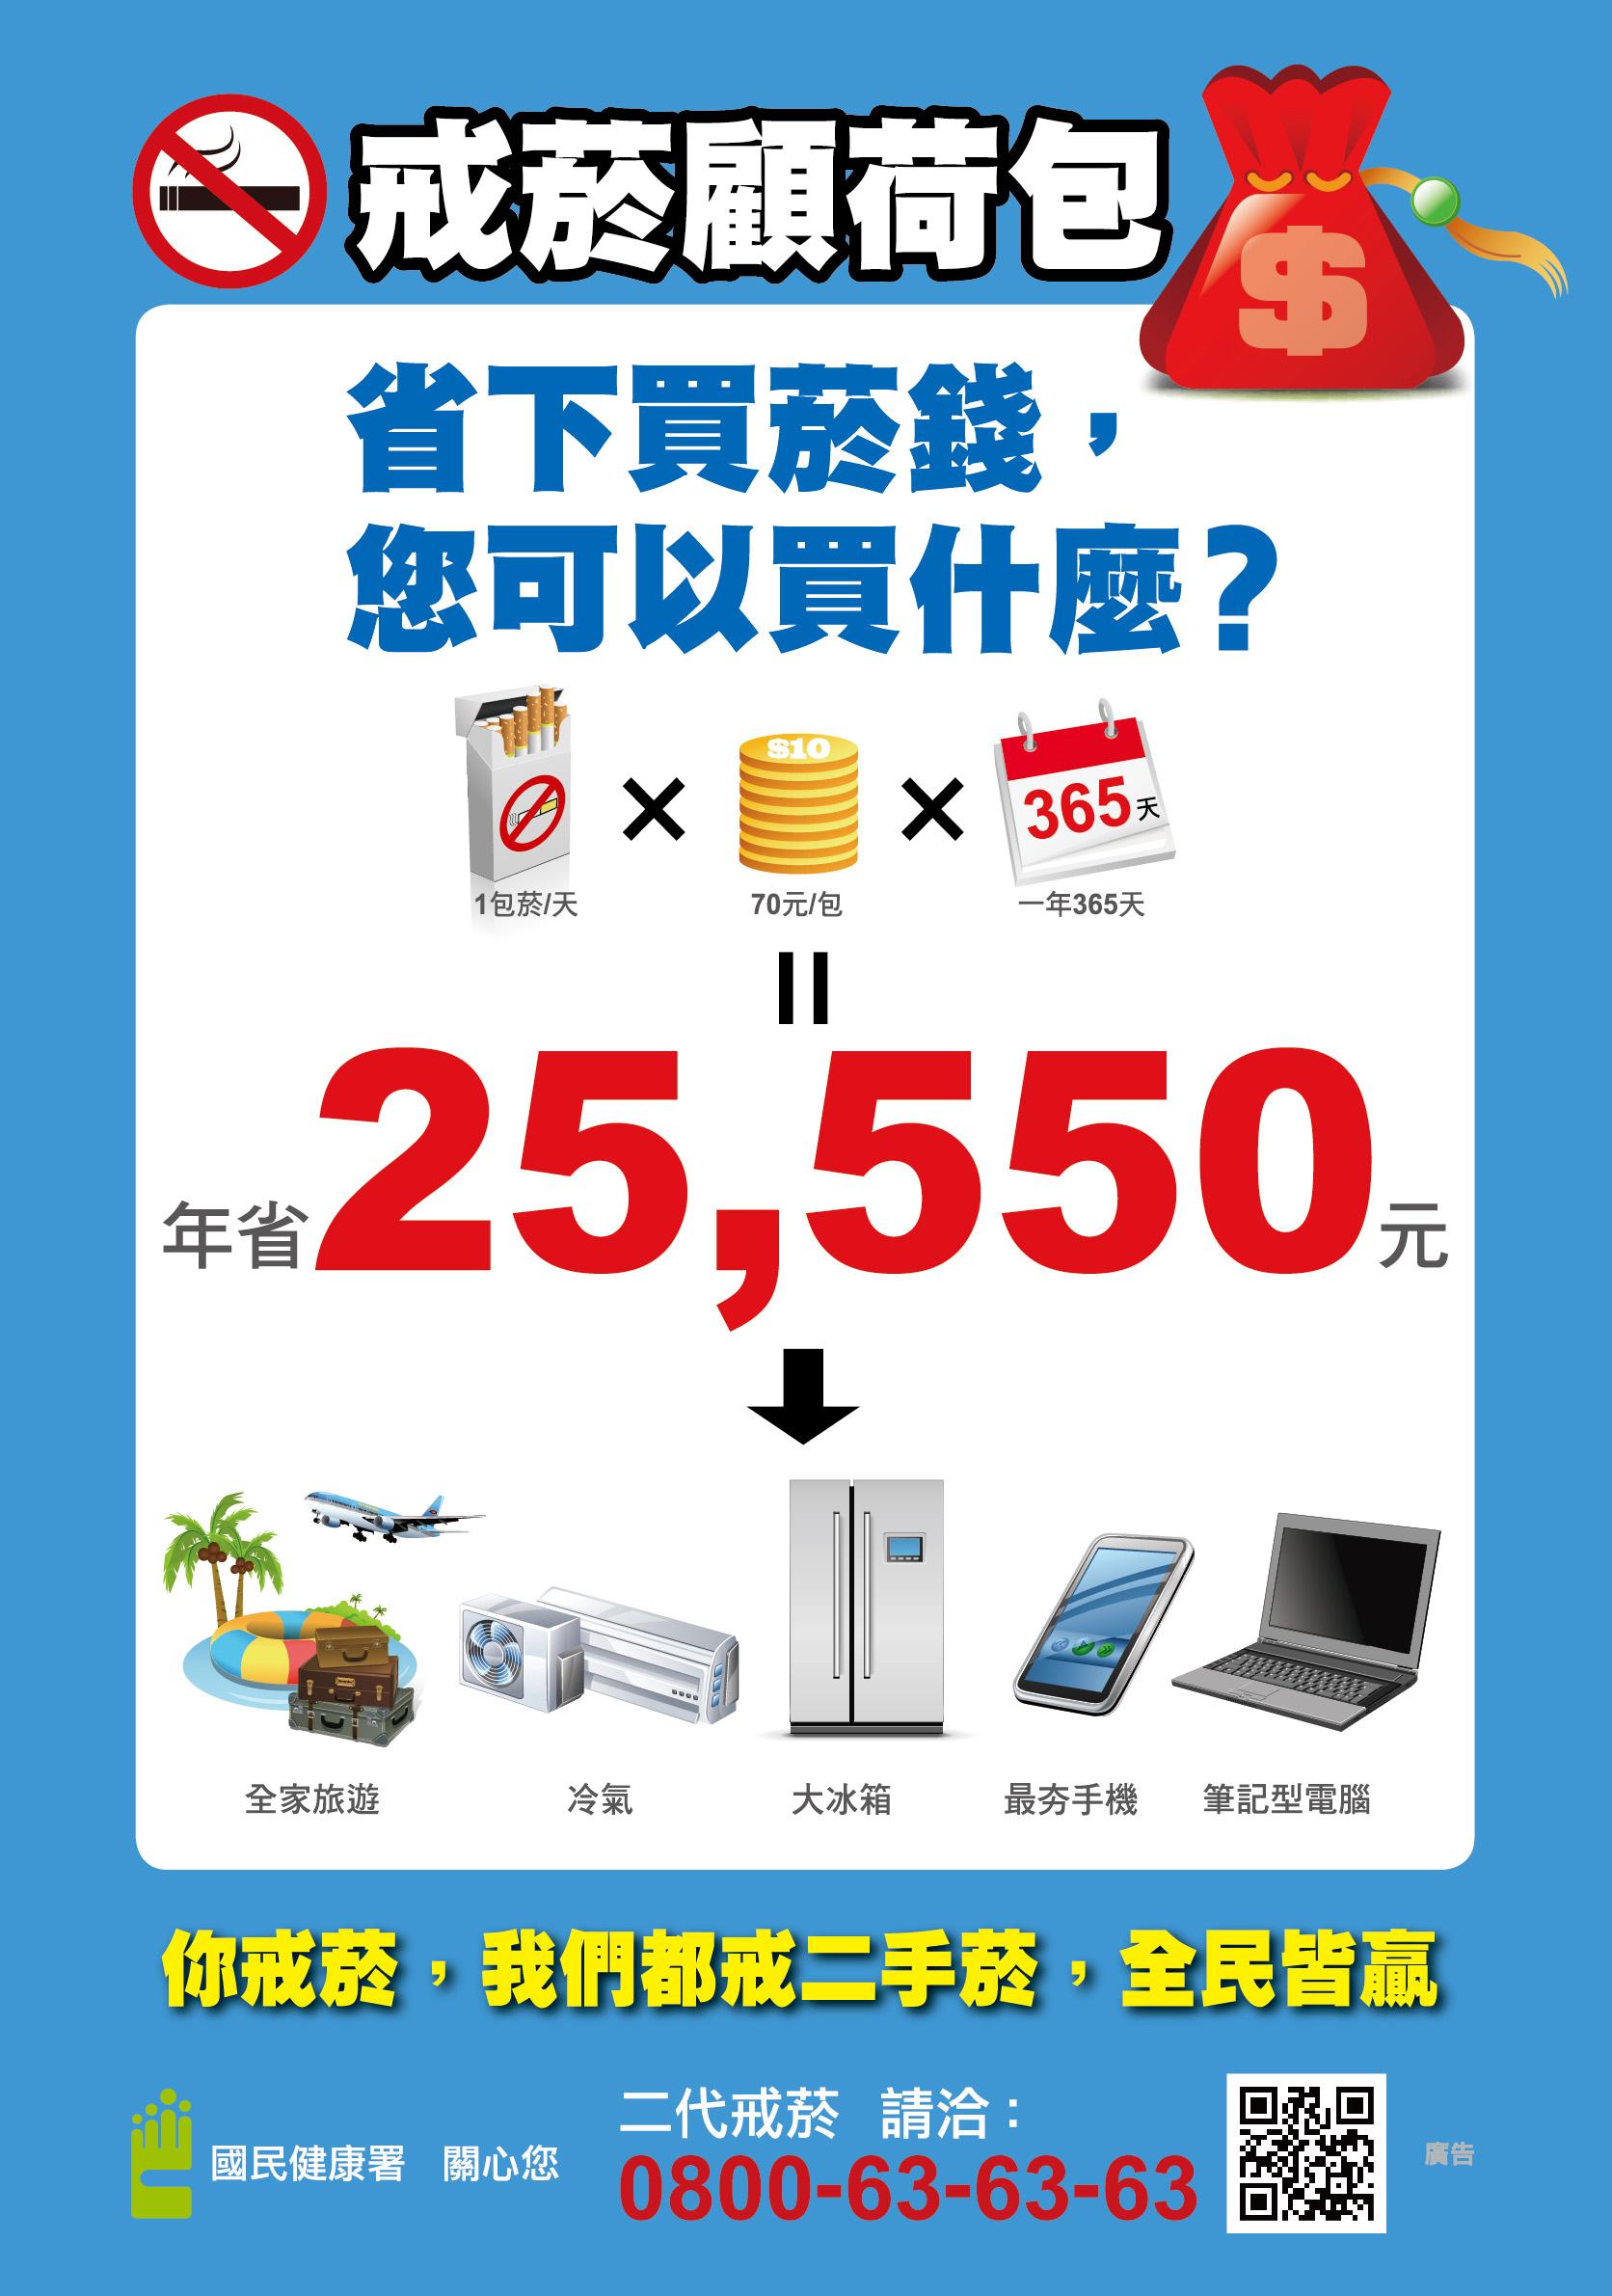 戒菸顧荷包 省下買菸錢,您可以買什麼?